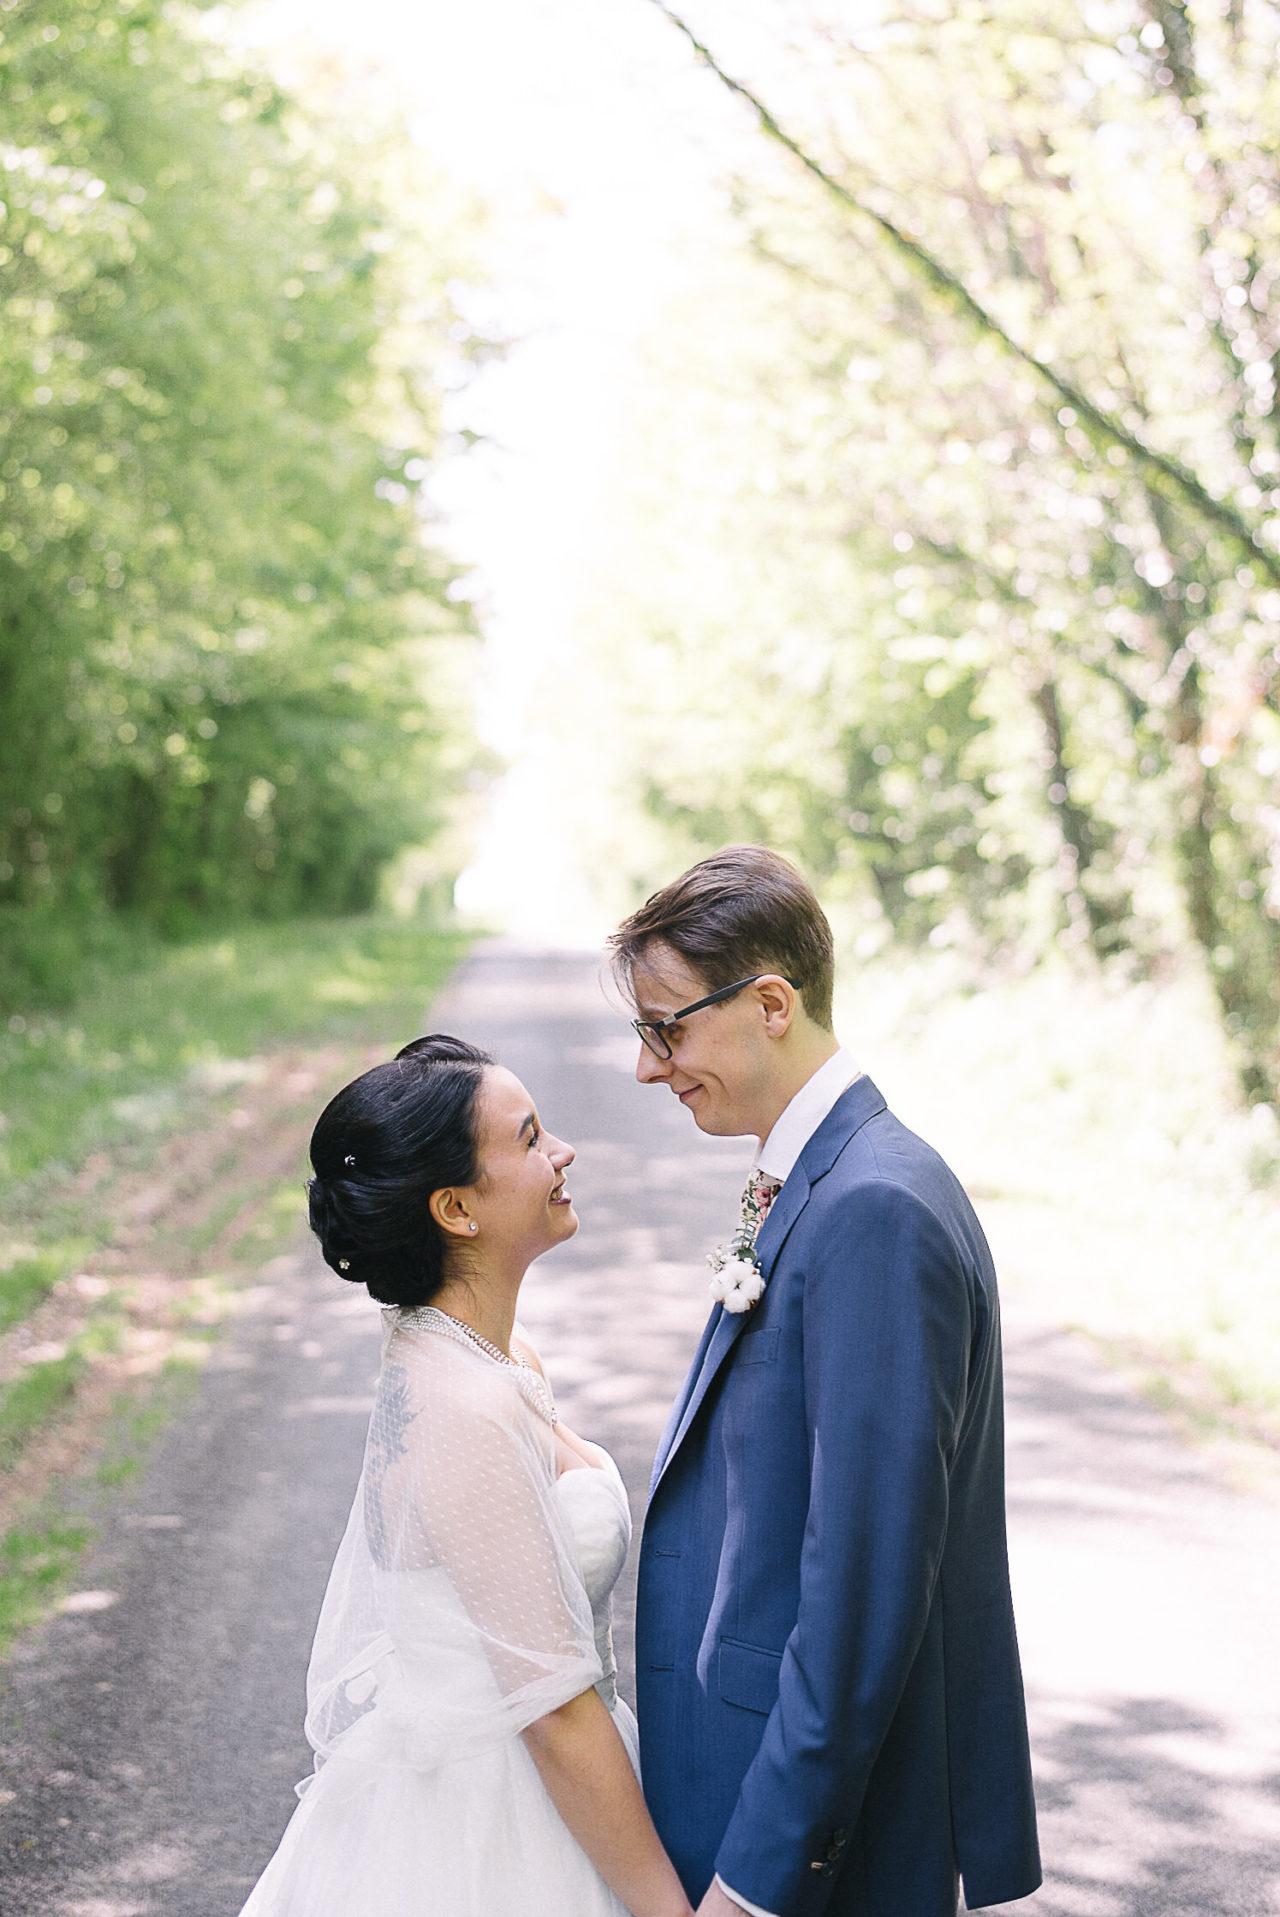 La découverte des futurs mariés durant la séance photo de couple